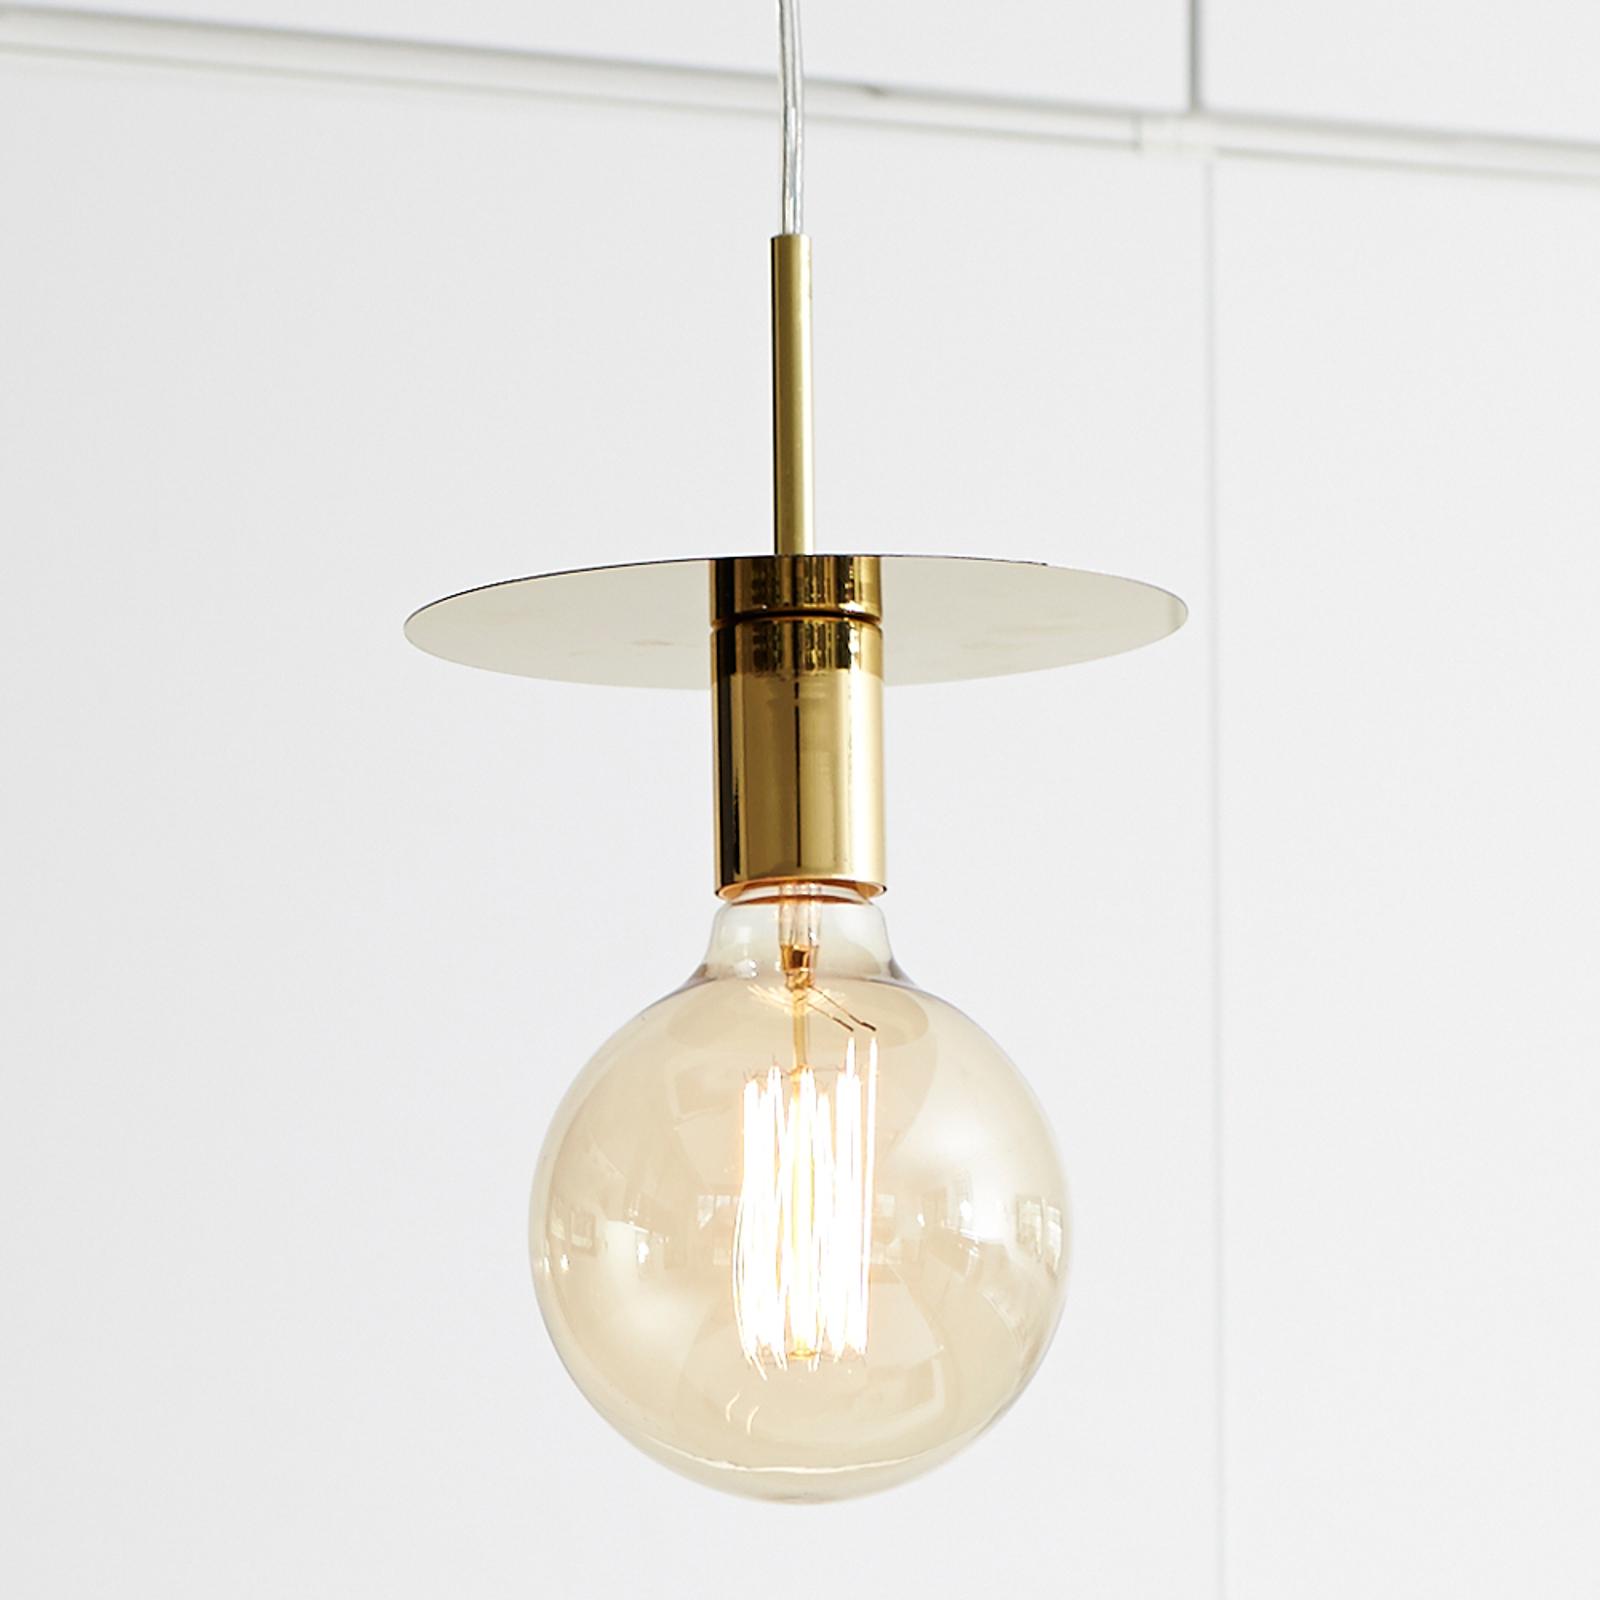 Striking hanging light Disc_6505595_1